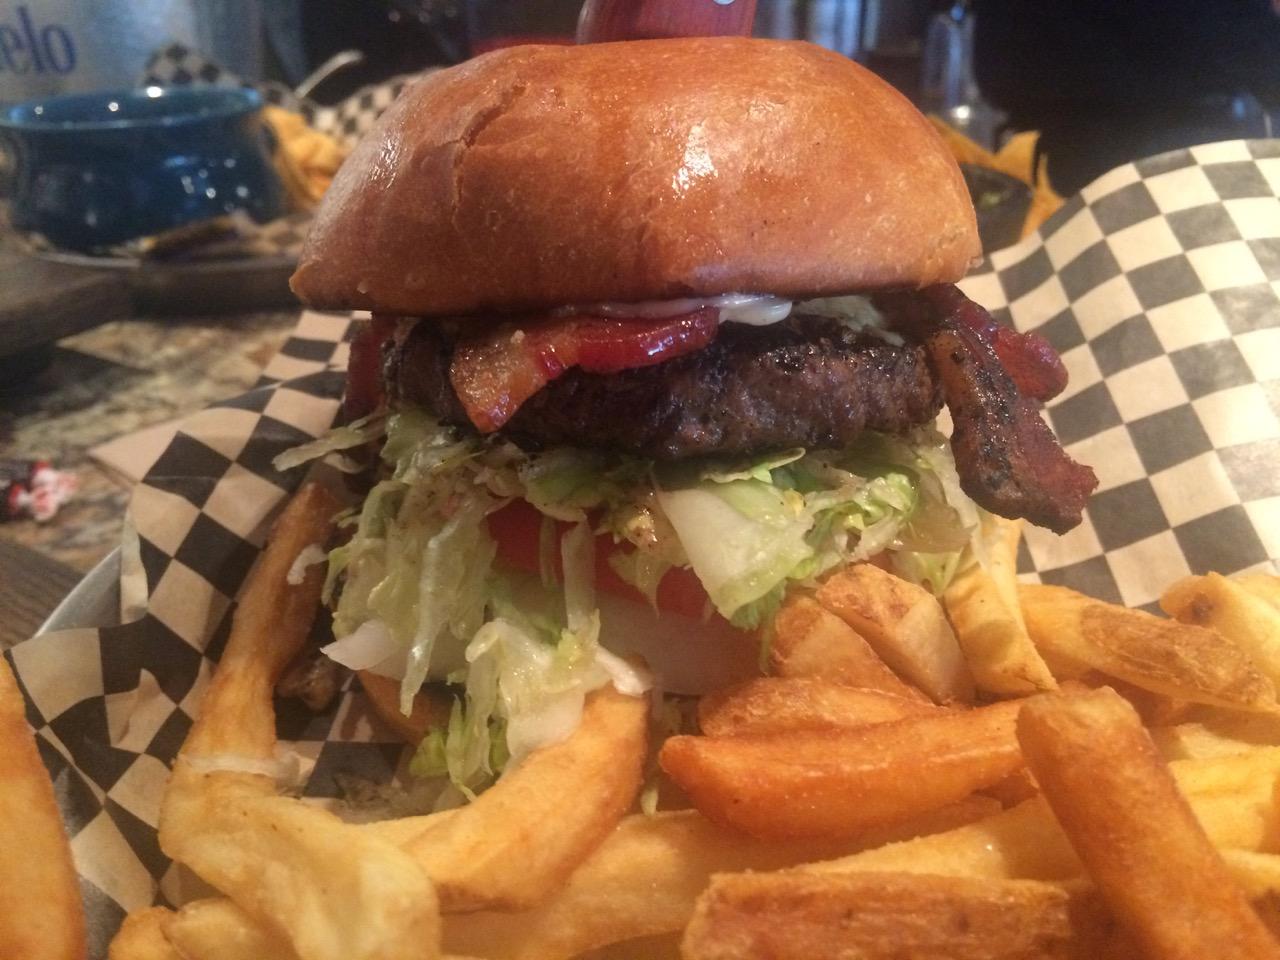 Bacon Burgers at Foodies Brick and Mortar – October 12 2016